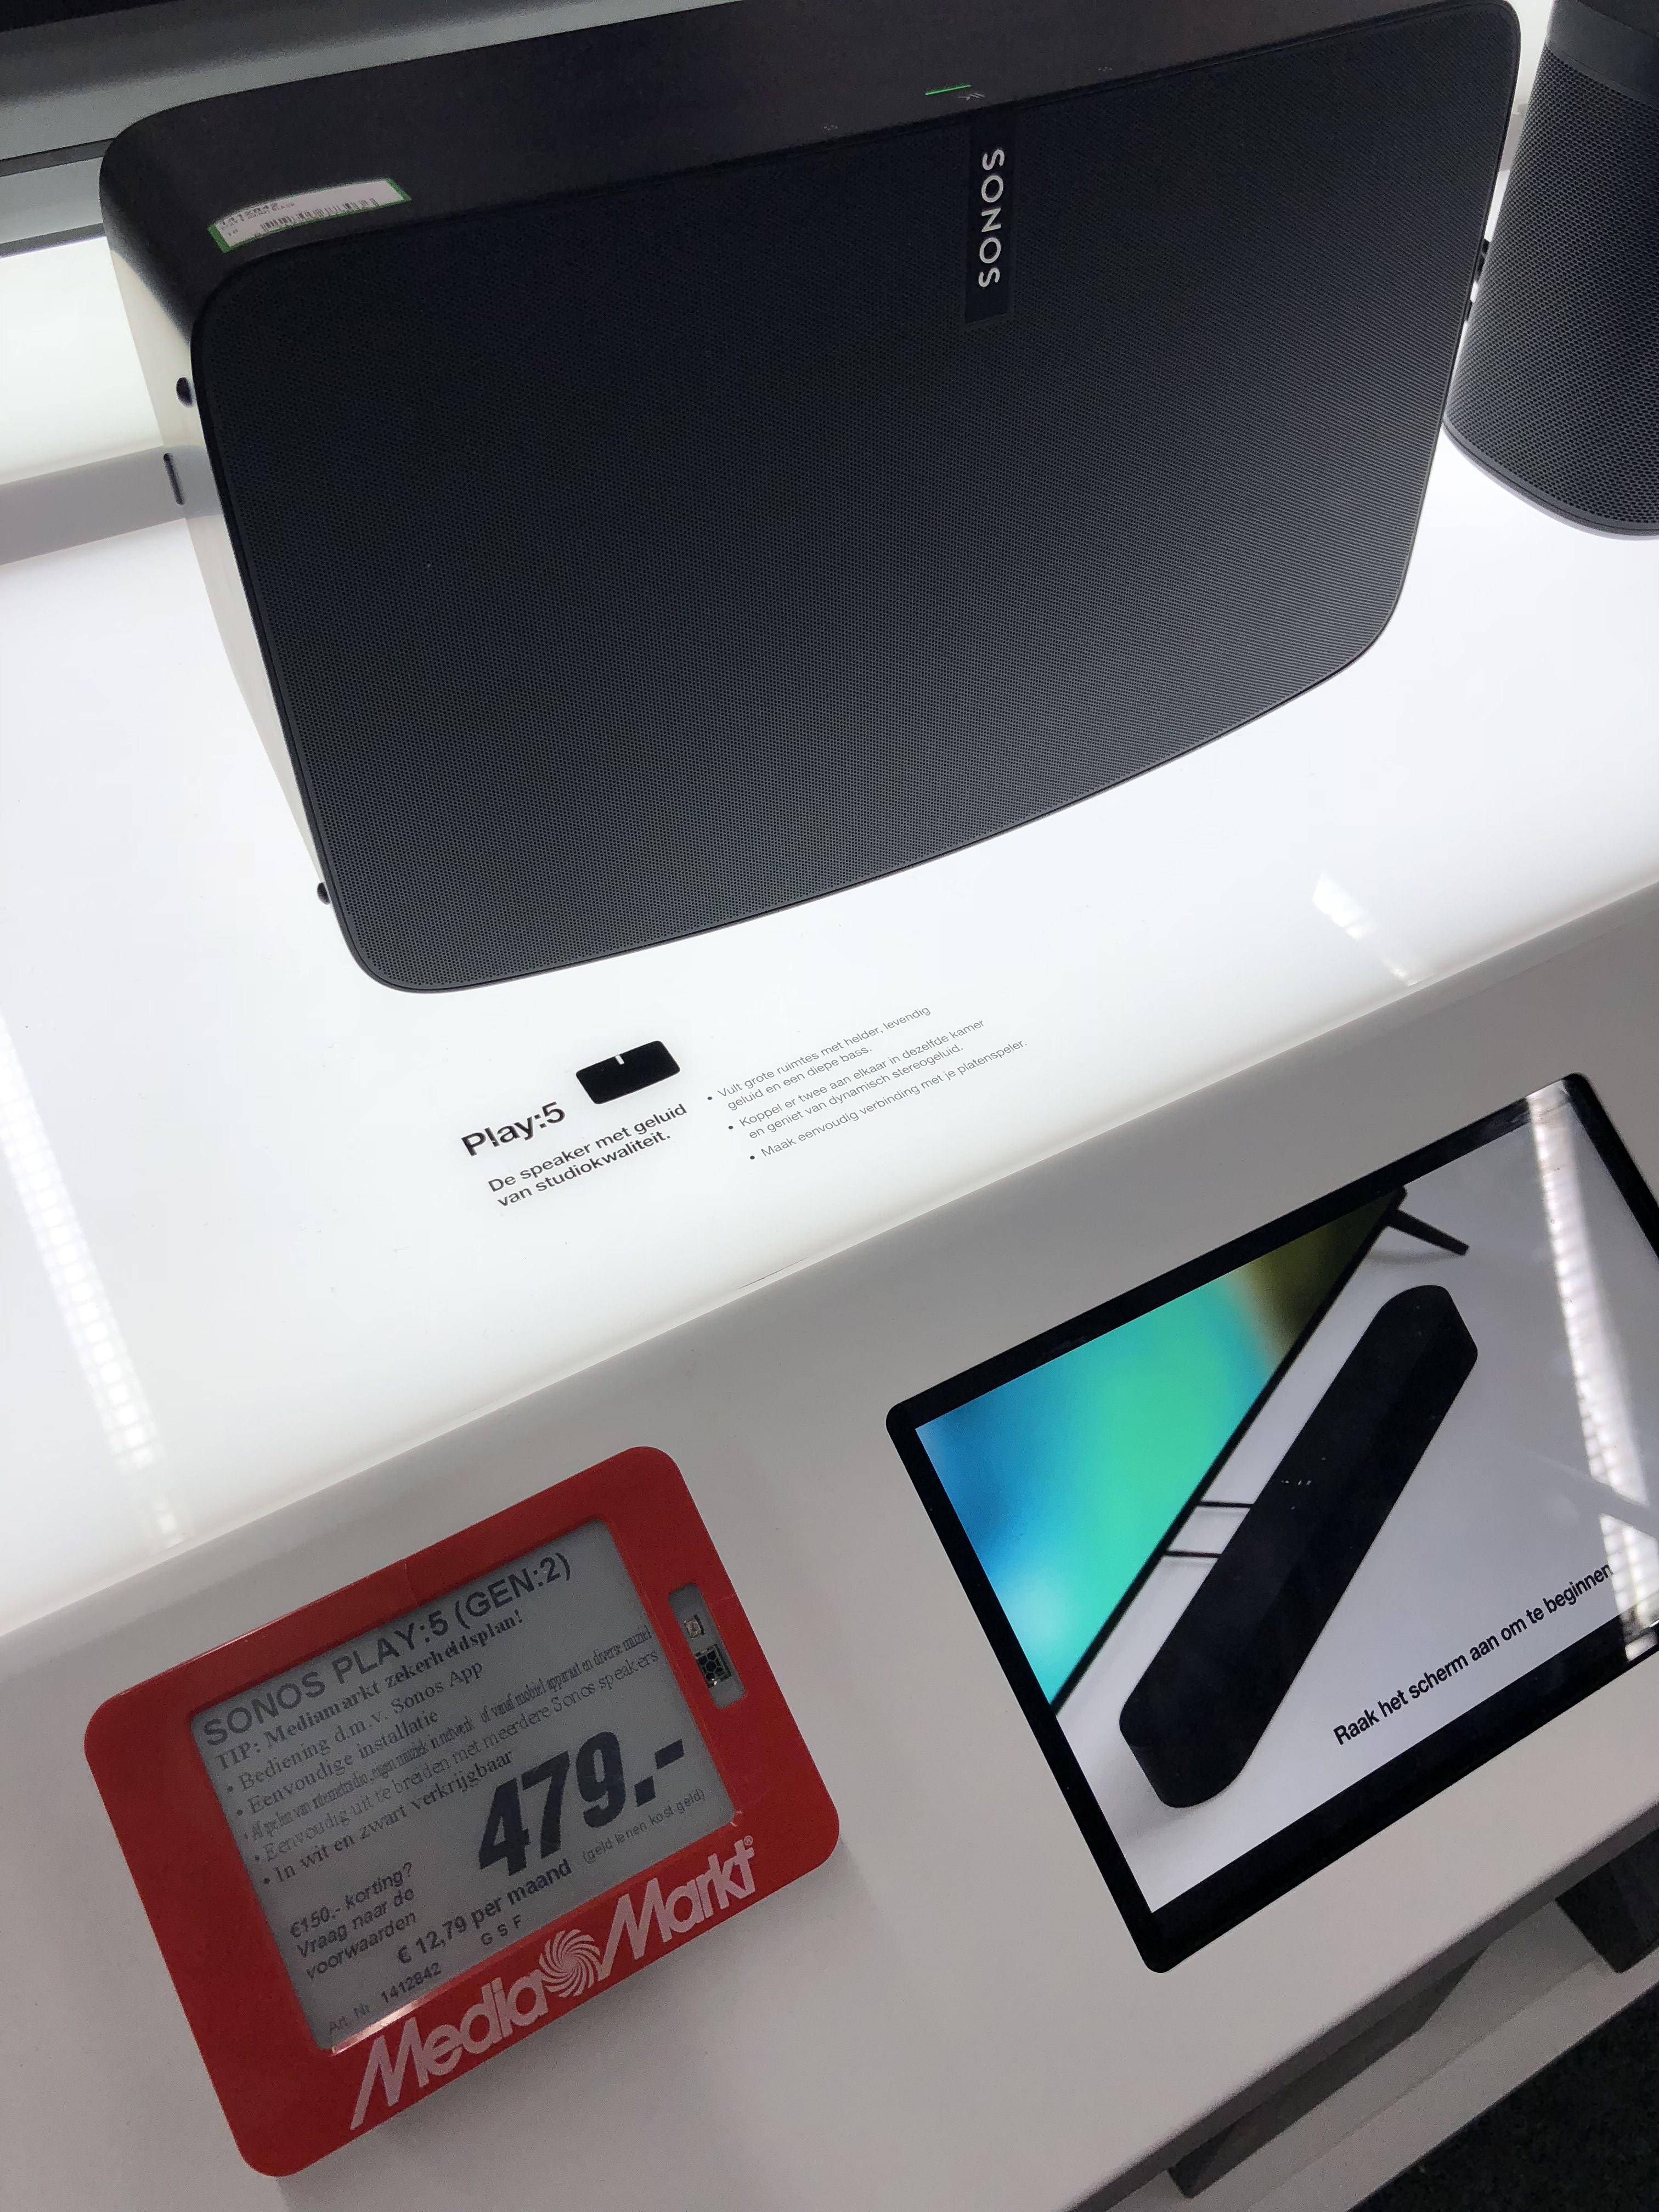 Sonos Play:5 WLAN-Speaker (für Musikstreaming, WLAN, AirPlay) schwarz und weiß / Media Markt Roermond / Grenzgänger/ LOKAL